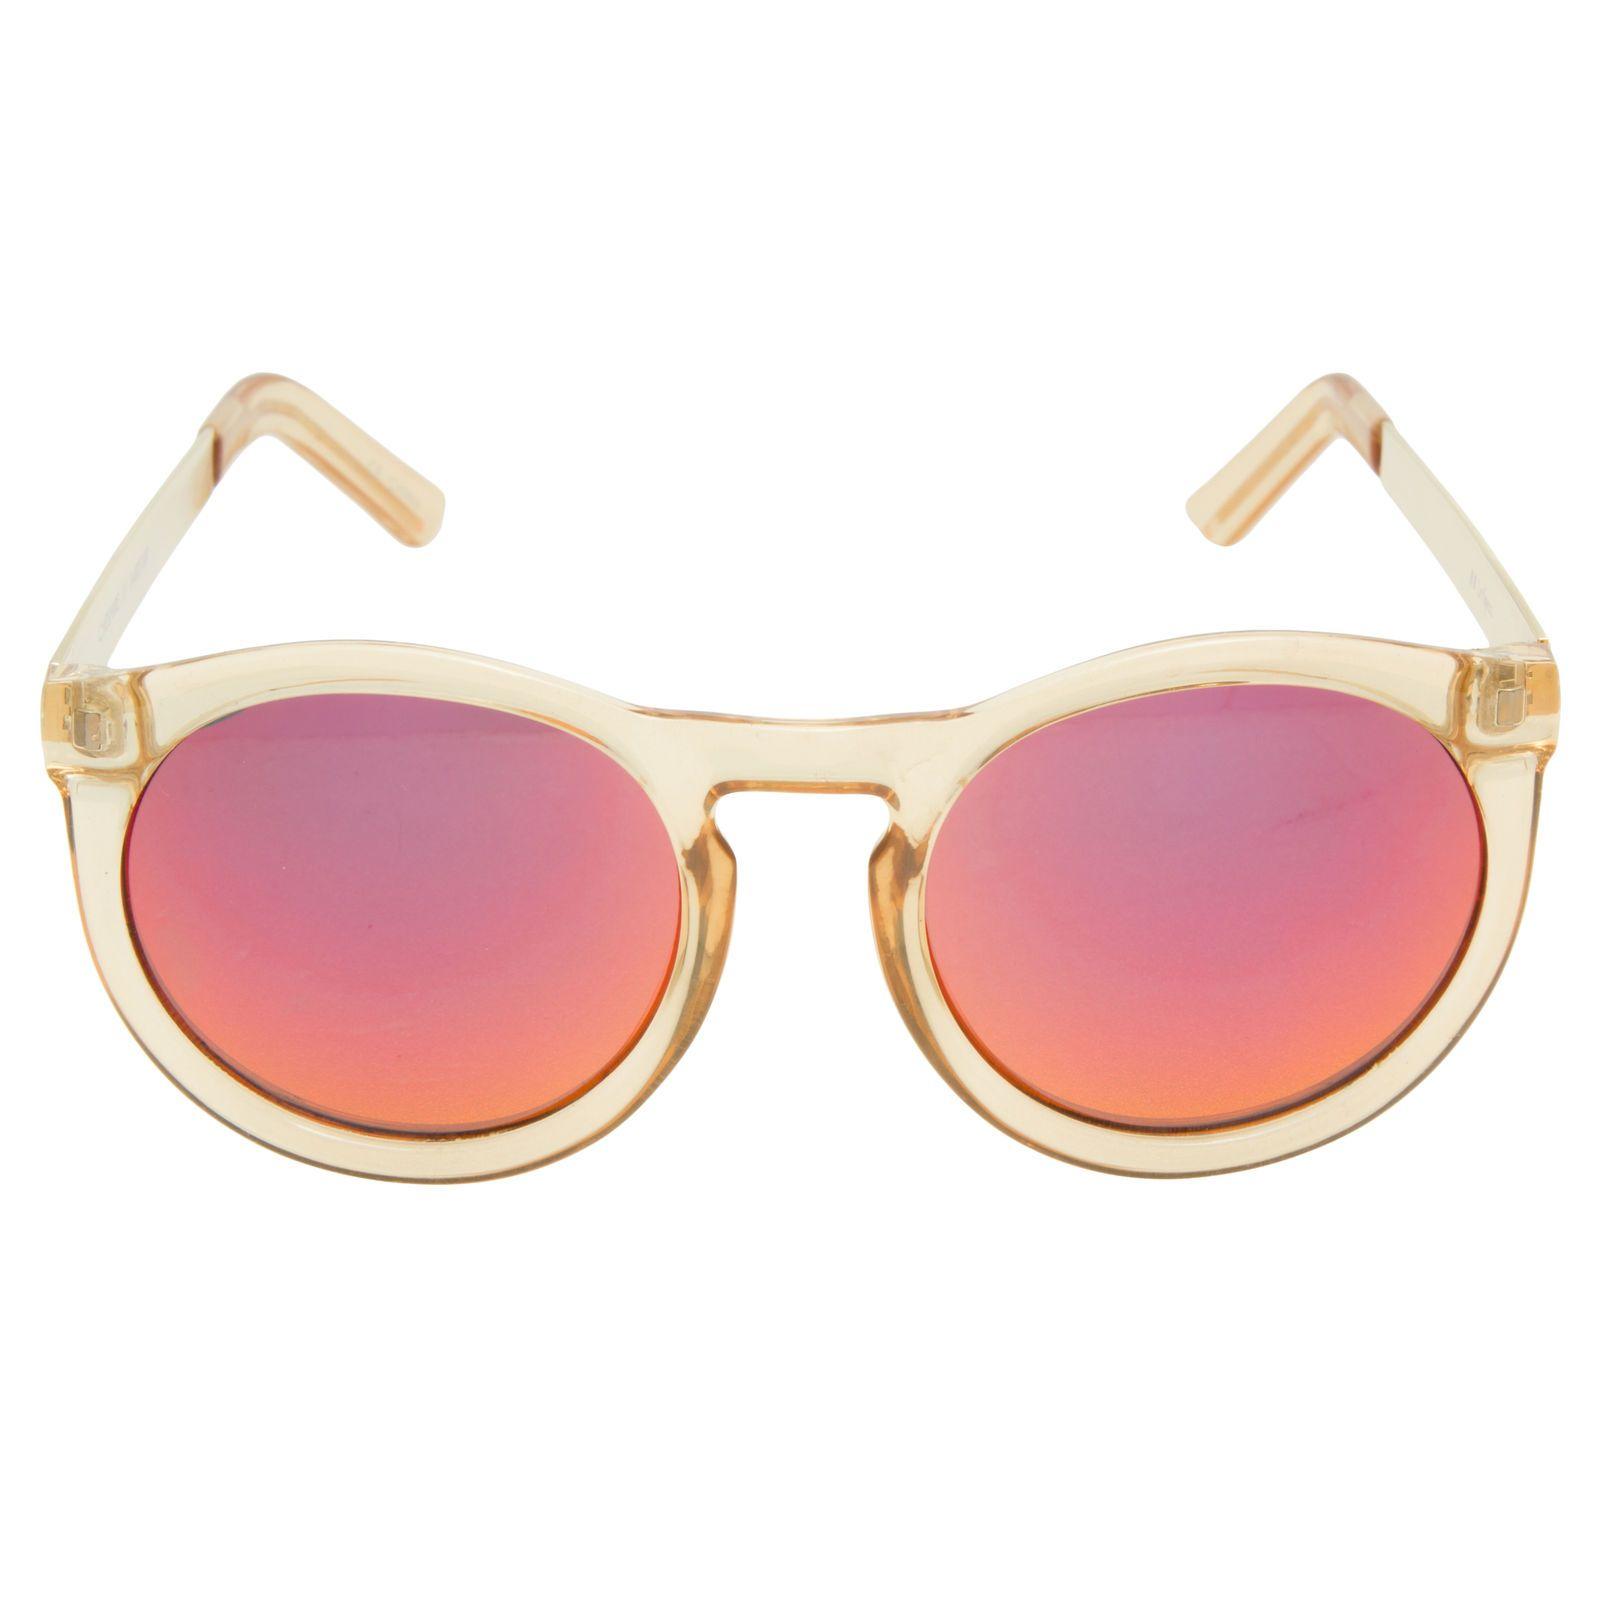 36add99800e98 Óculos espelhado Cheshire Le Specs - Ousado e moderno, o óculos de sol  conta com lente espelhada de proteção UVA e UVB, armação em acetato  transparente e ...